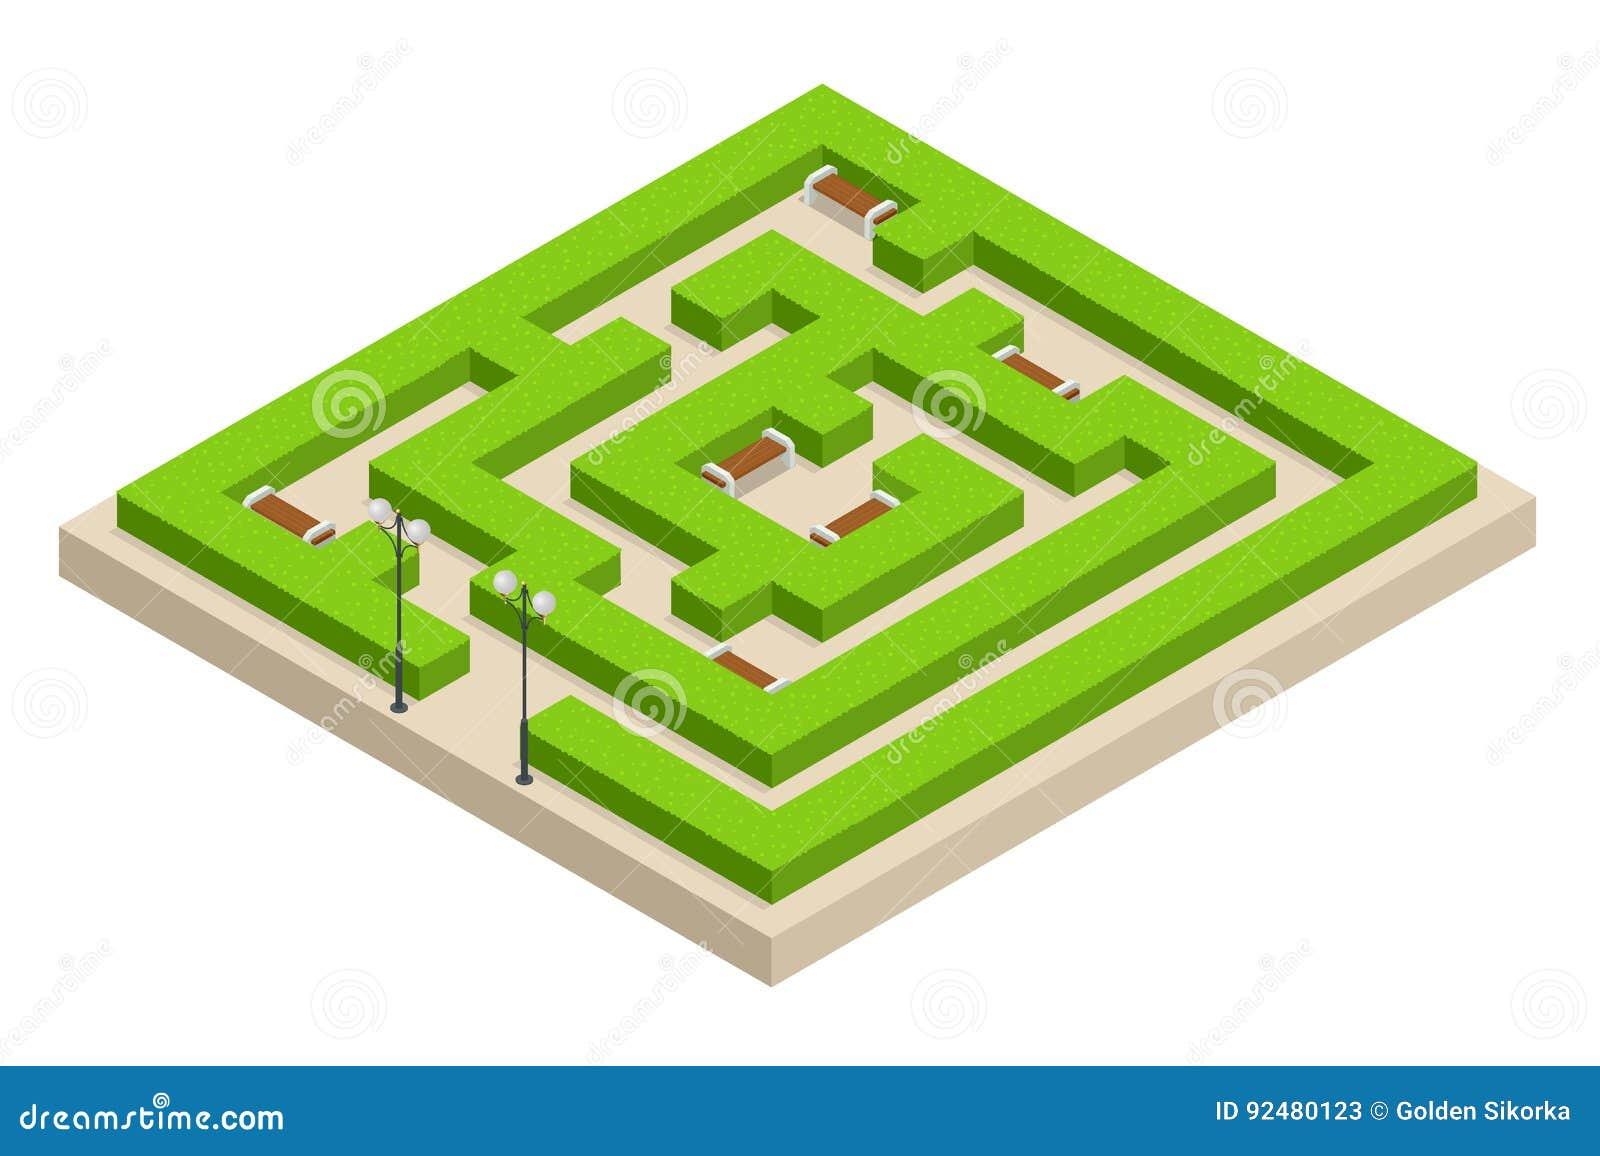 Isometric Zielonej rośliny labirynt Miasta, parkowych i plenerowych rośliny, Prostokątny park jest labityntem robić krzaki z ławk